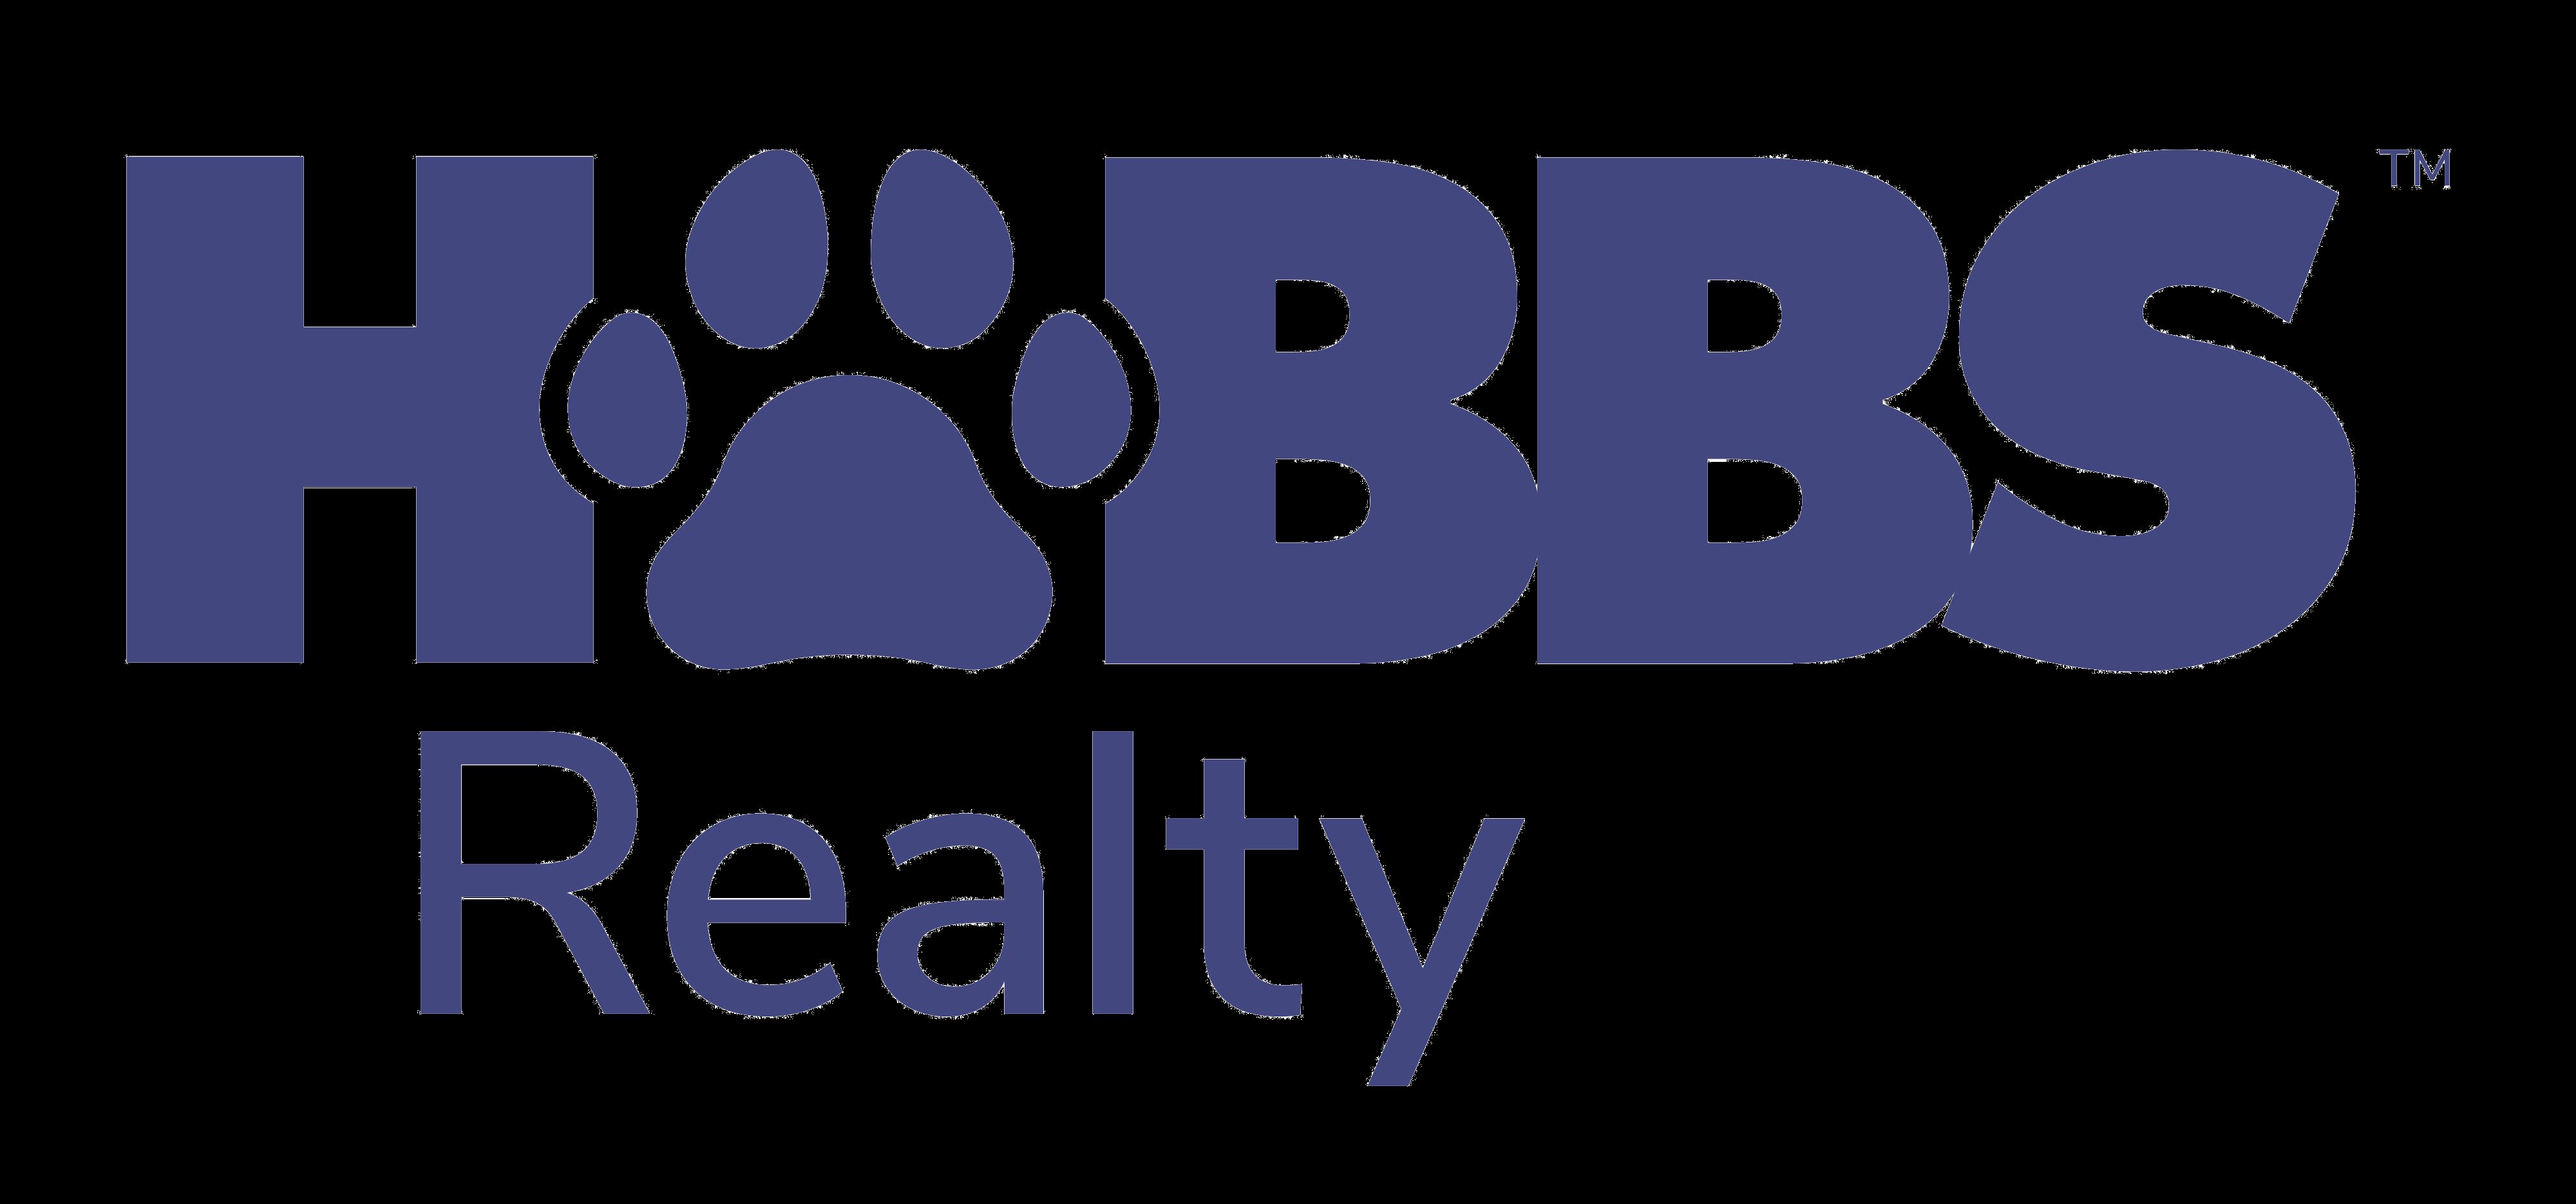 hobbs realty pet friendly